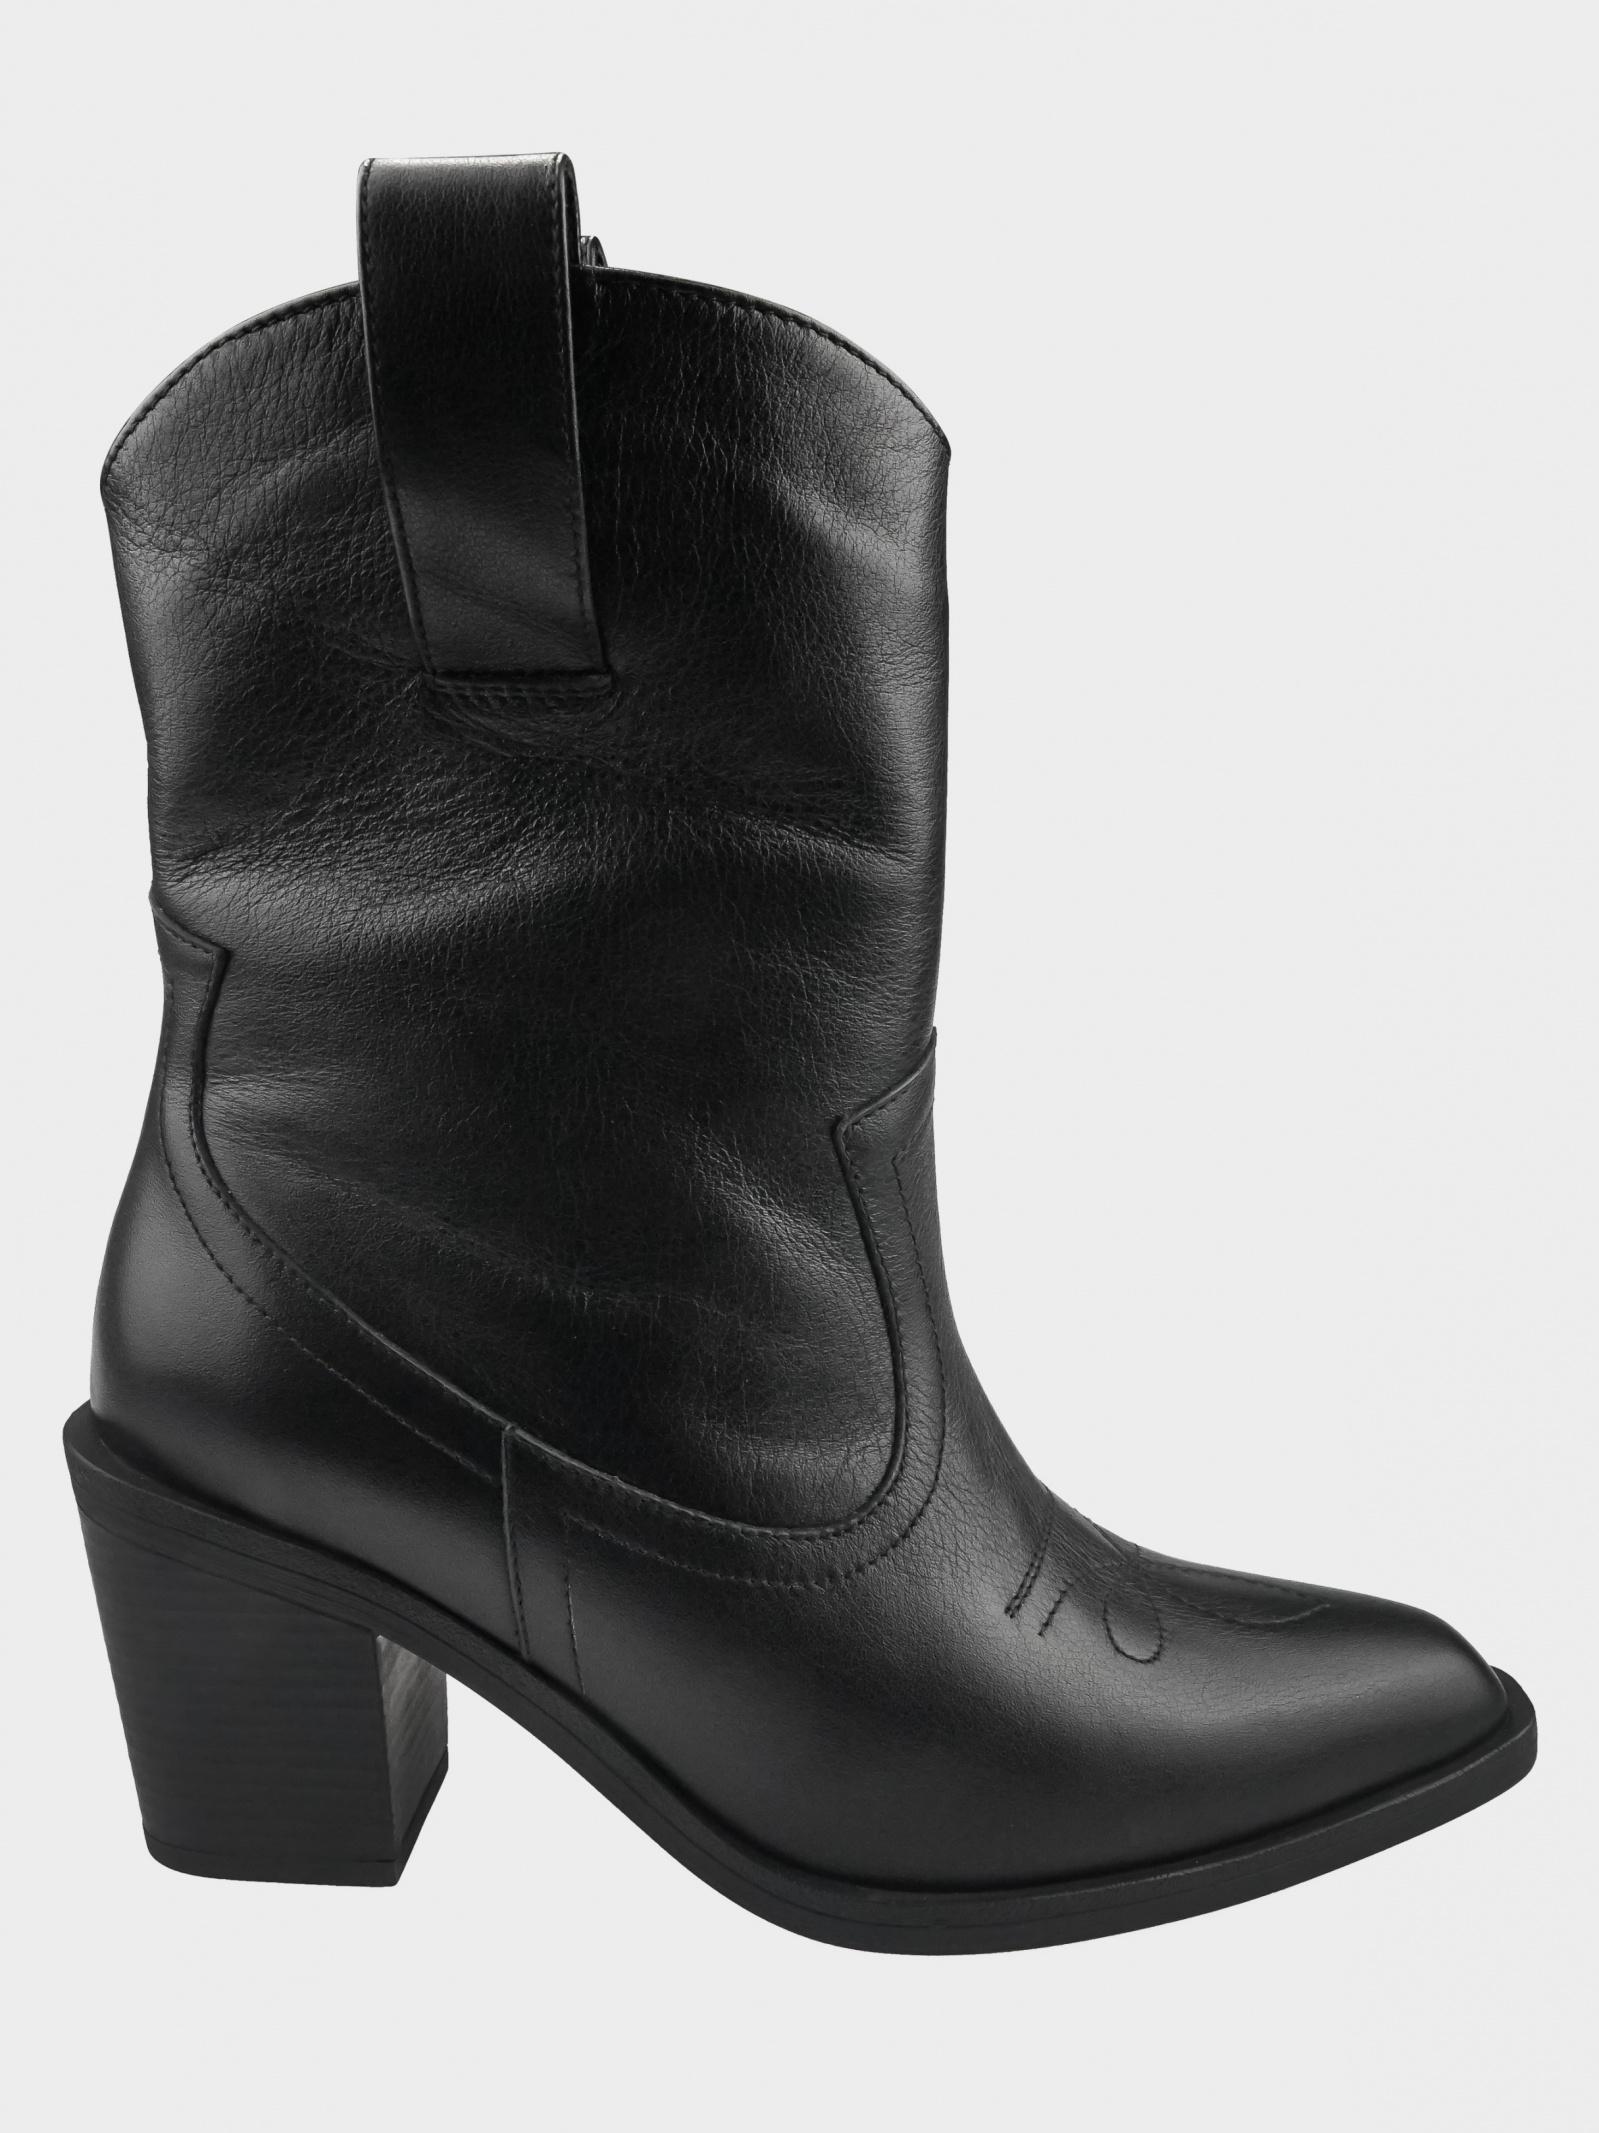 Ботинки для женщин Ботинки LO1525-01 продажа, 2017